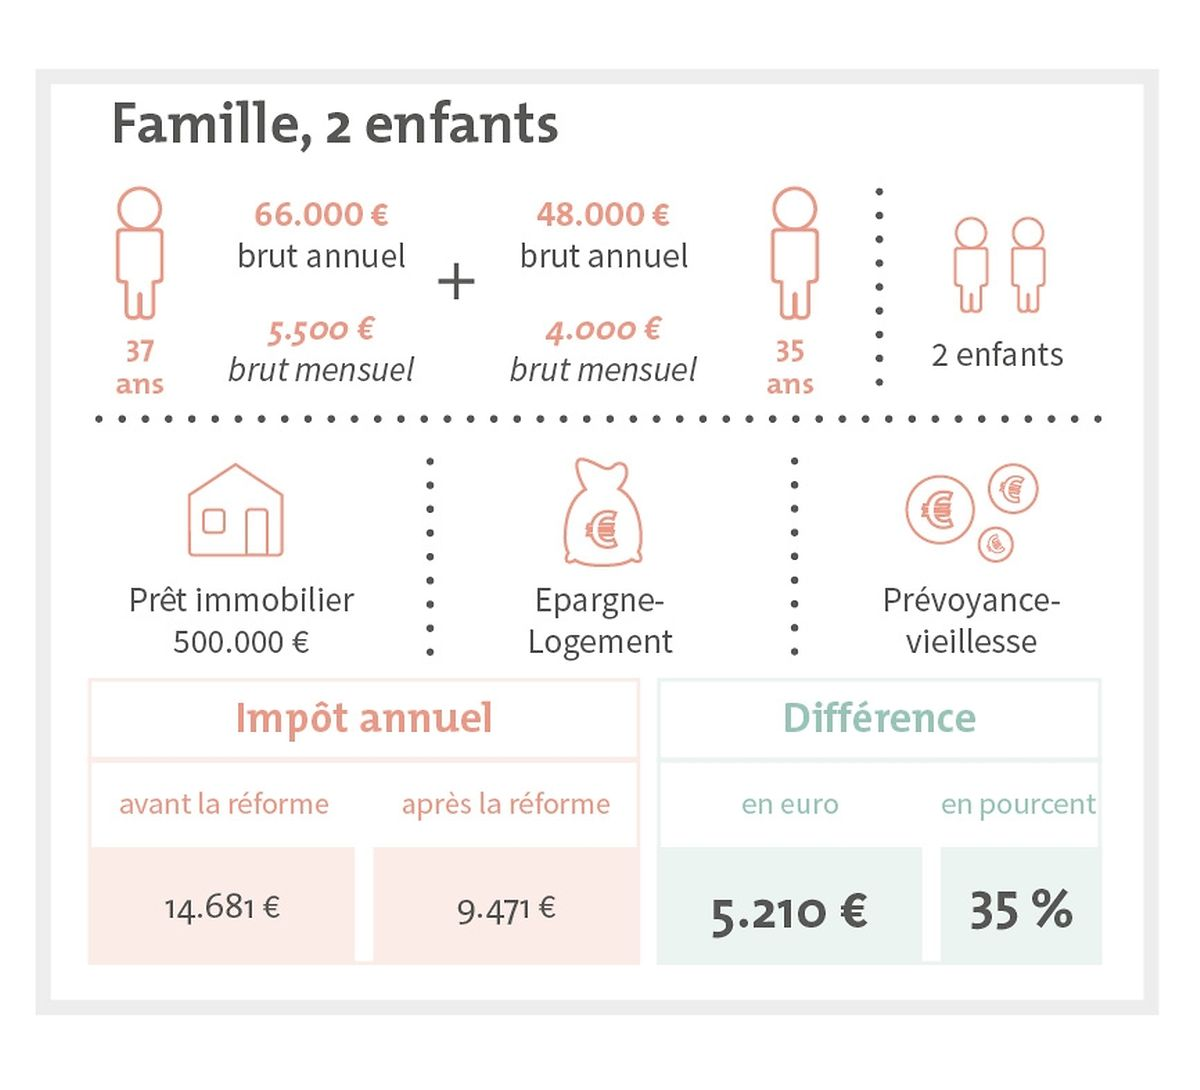 L'impact de la réforme exemplifié avec un couple qui a deux enfants: l'un des conjoints gagne 5.500 euros/mois et l'autre 4.000 euros. Ils remboursent un prêt immobilier, alimentent un plan épargne logement et une retraite complémentaire. Pour ce foyer, le gain fiscal sera de 5.210 euros.